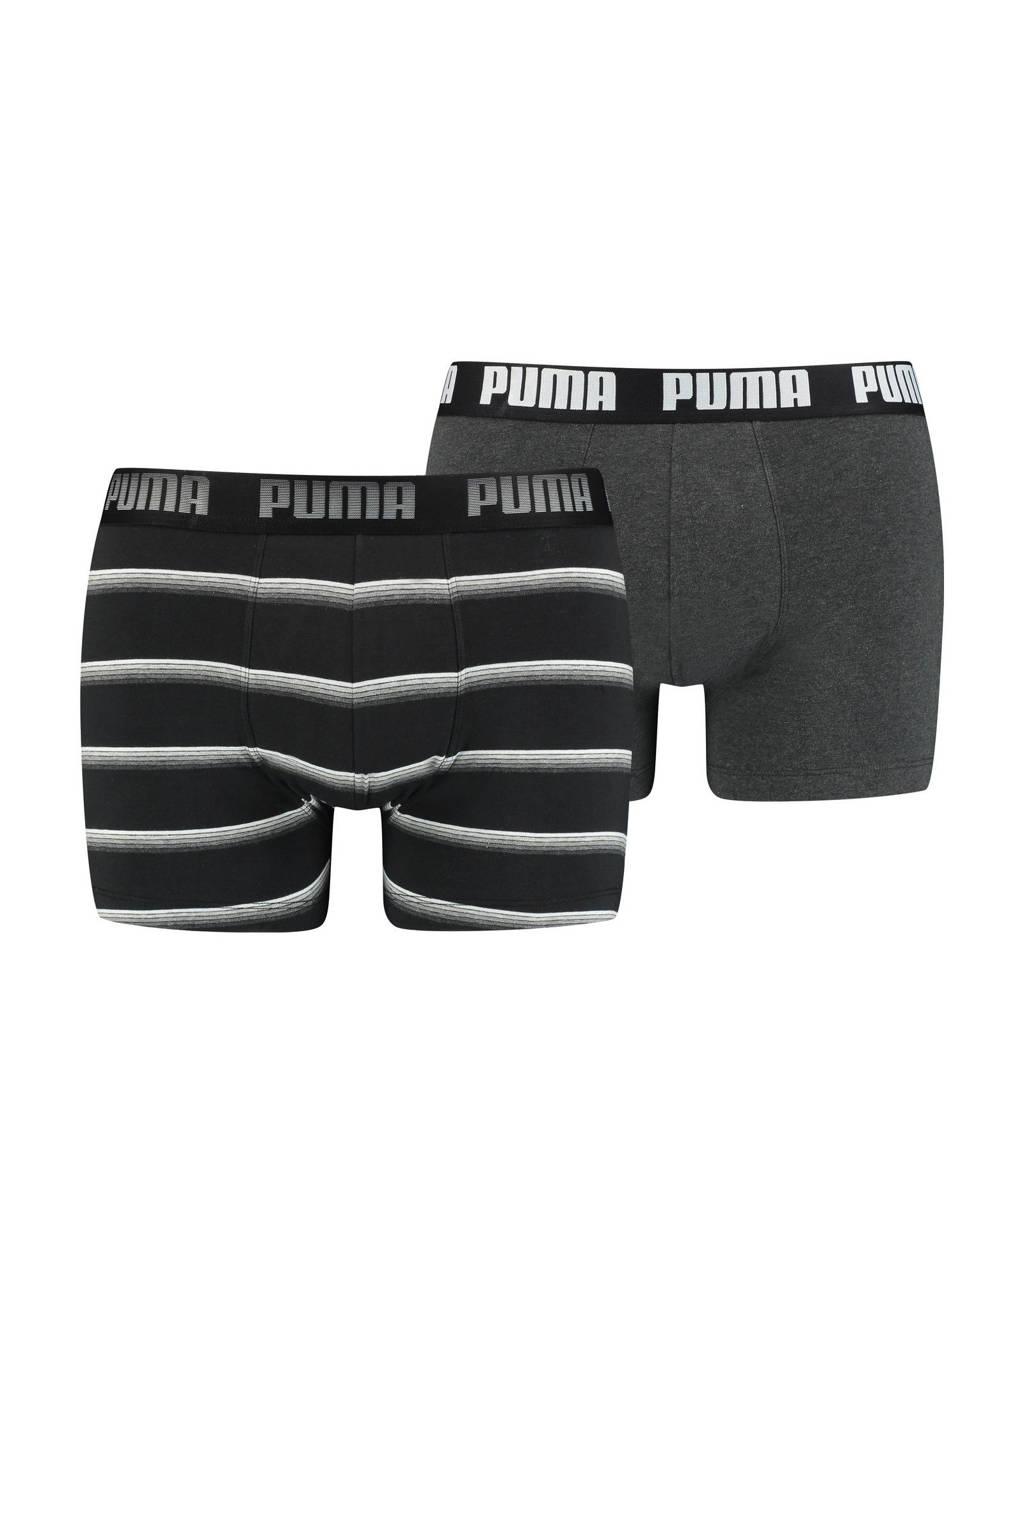 Puma boxershort (set van 2), Zwart/grijs